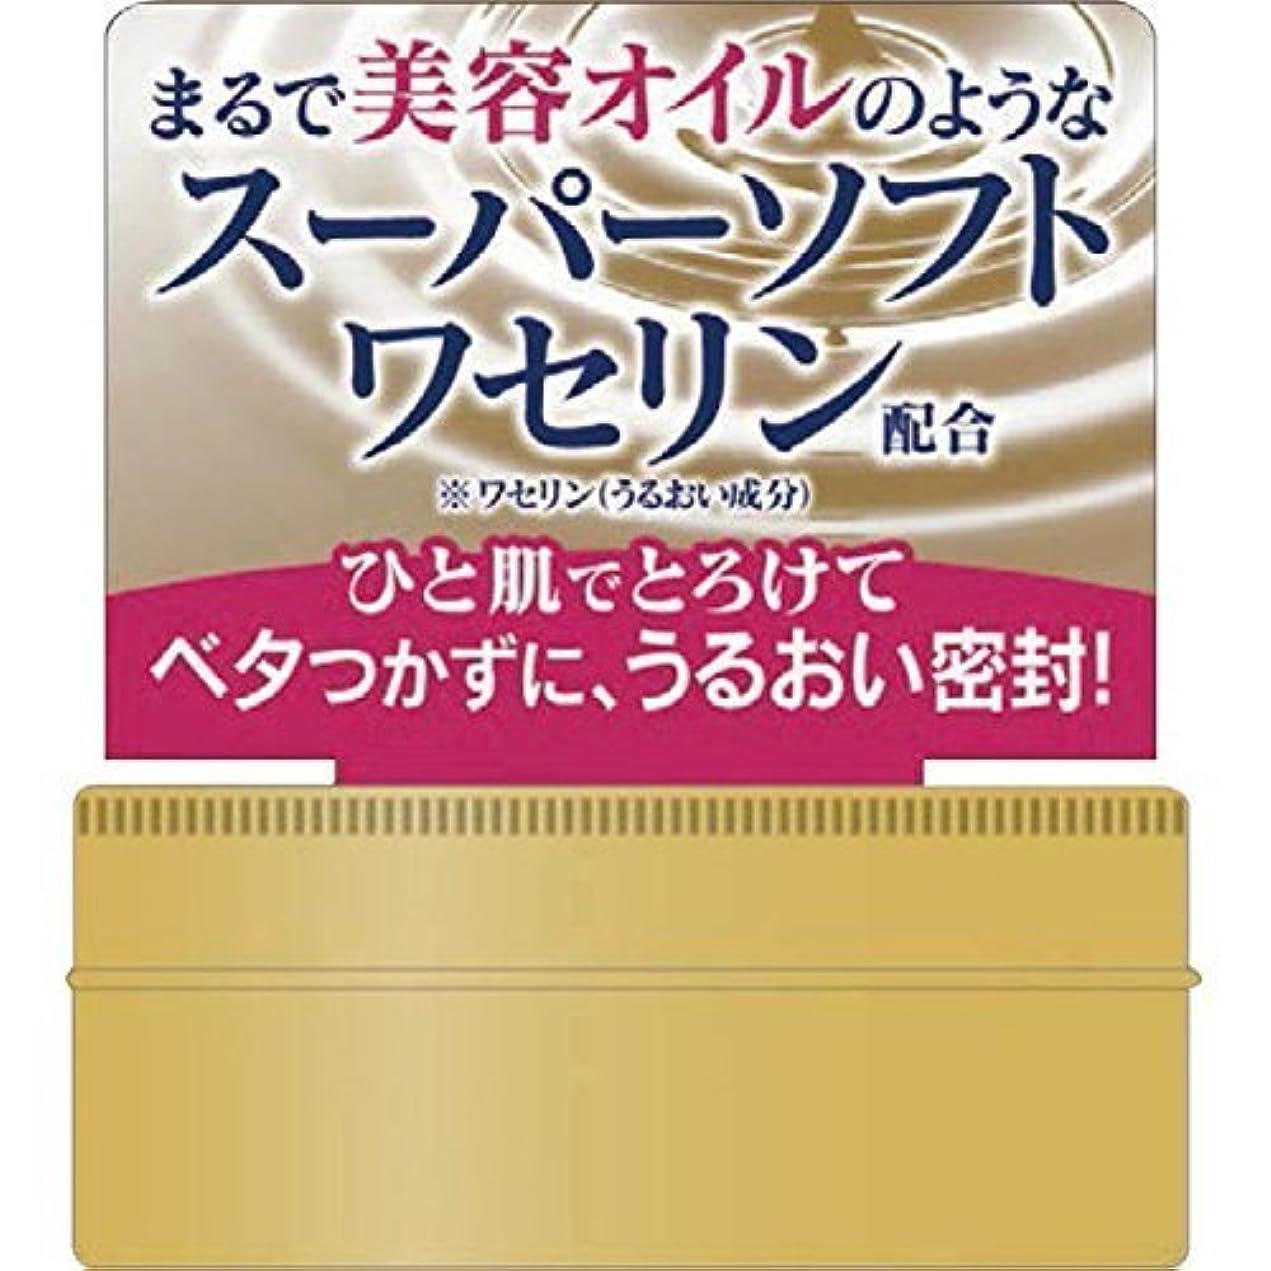 人事キウイ熟練した肌研(ハダラボ) 極潤プレミアム ヒアルロンオイルジェリー × 24個セット